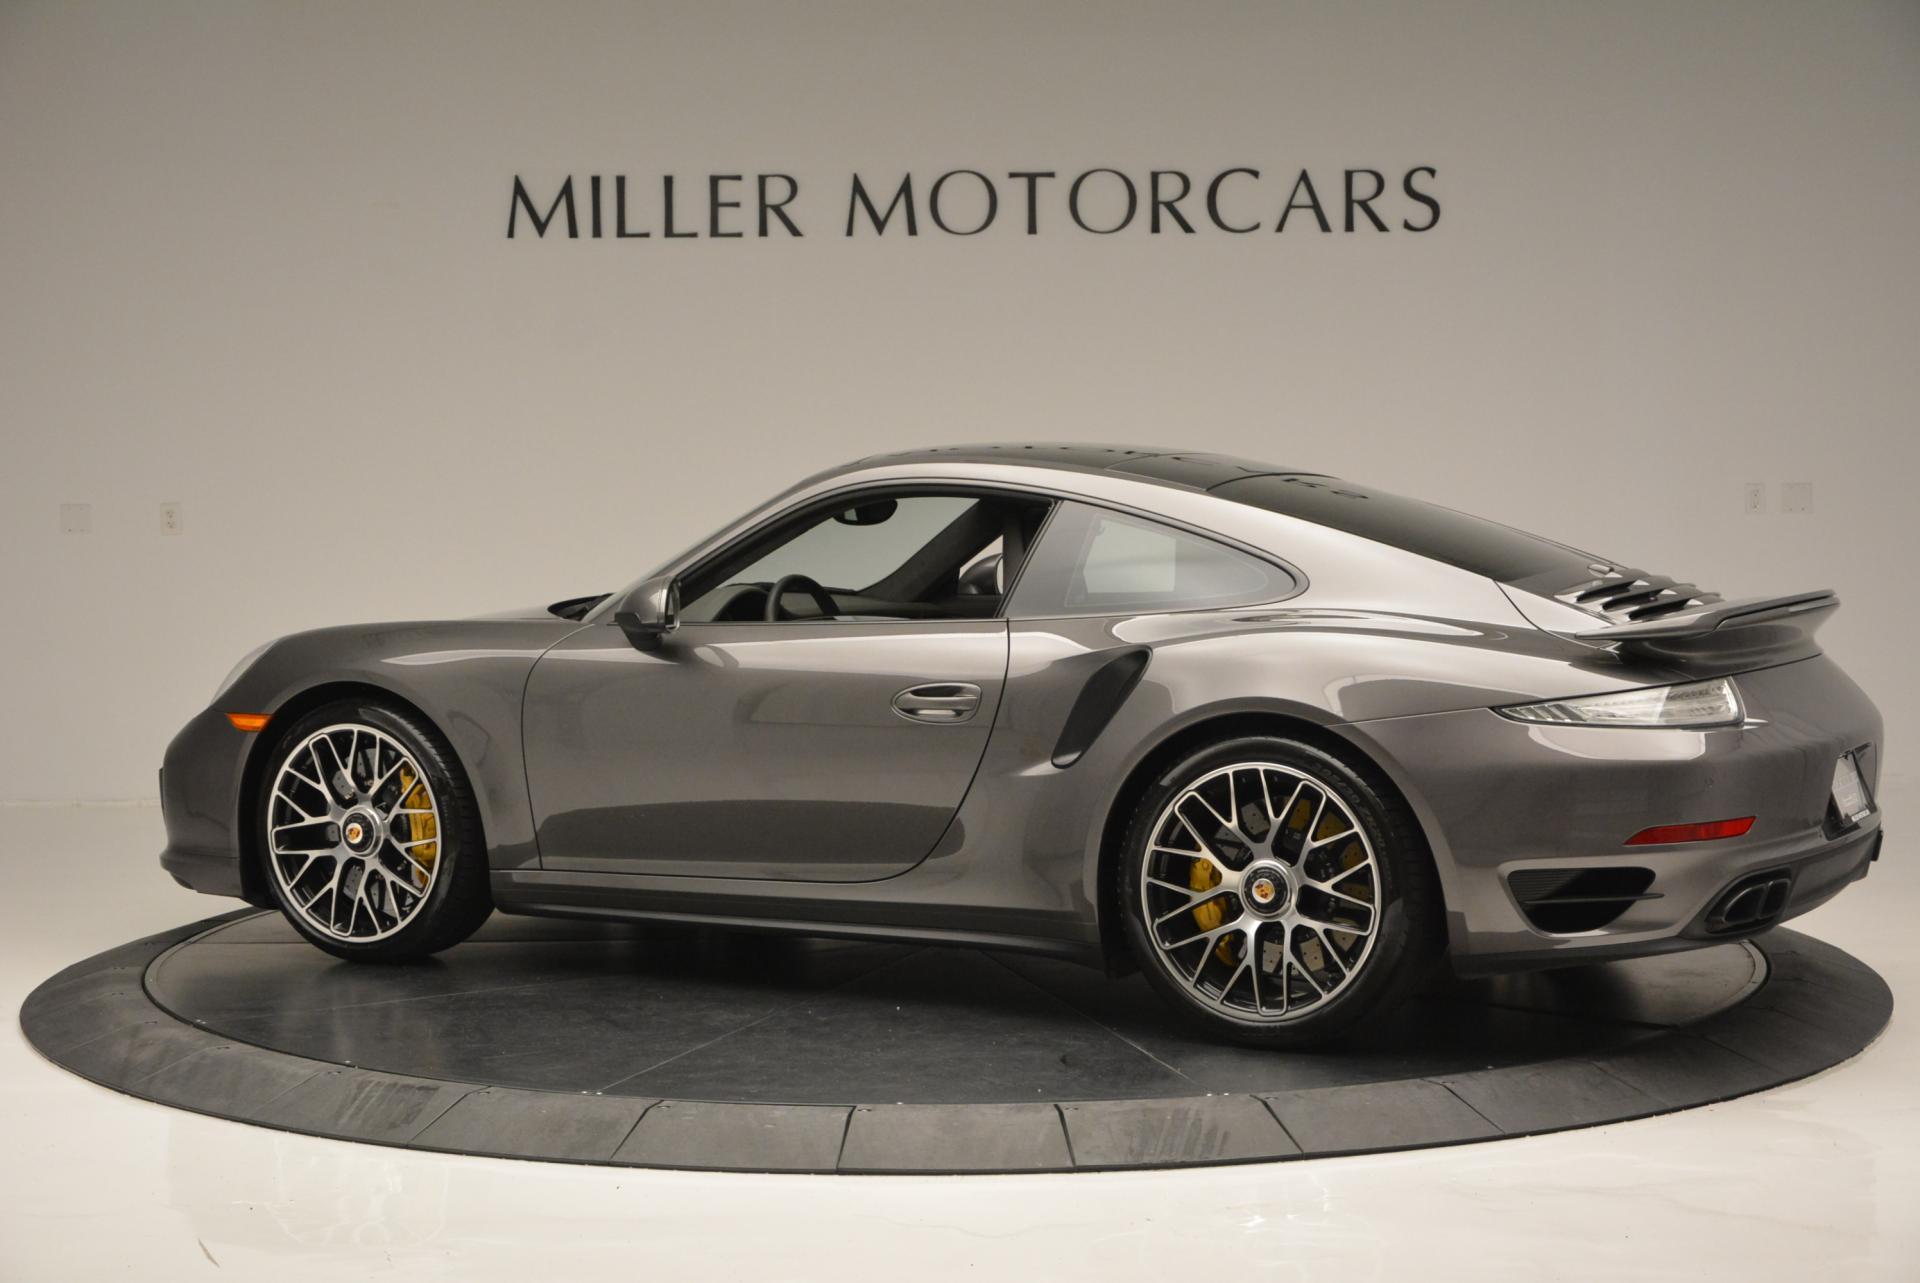 Used 2014 Porsche 911 Turbo S For Sale In Westport, CT 113_p4